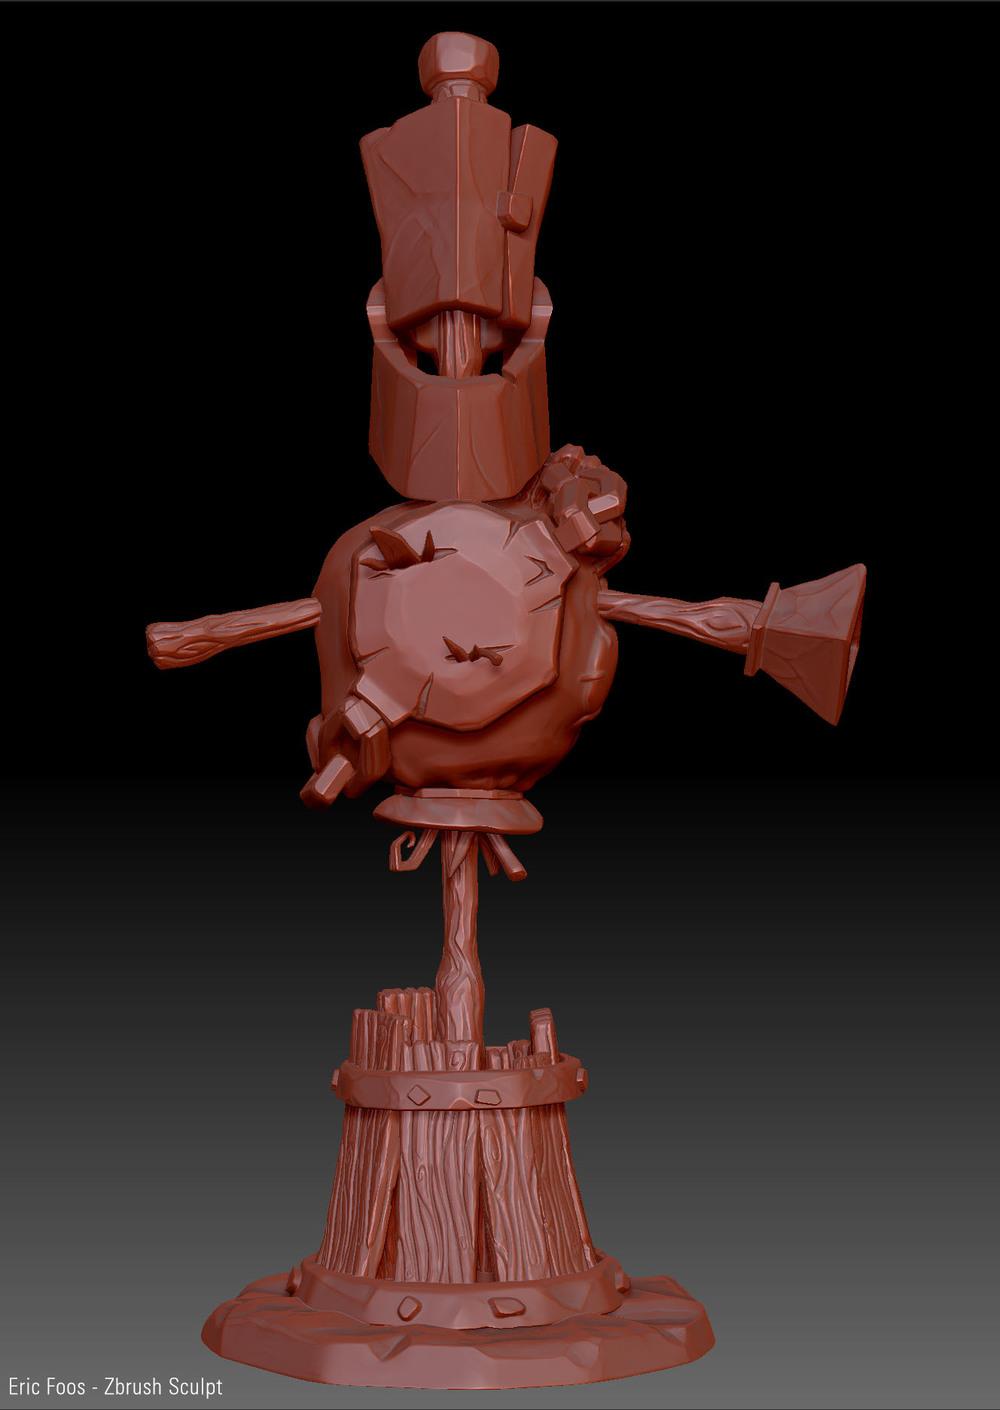 Foos-Zbrush-Sculpt2b.jpg